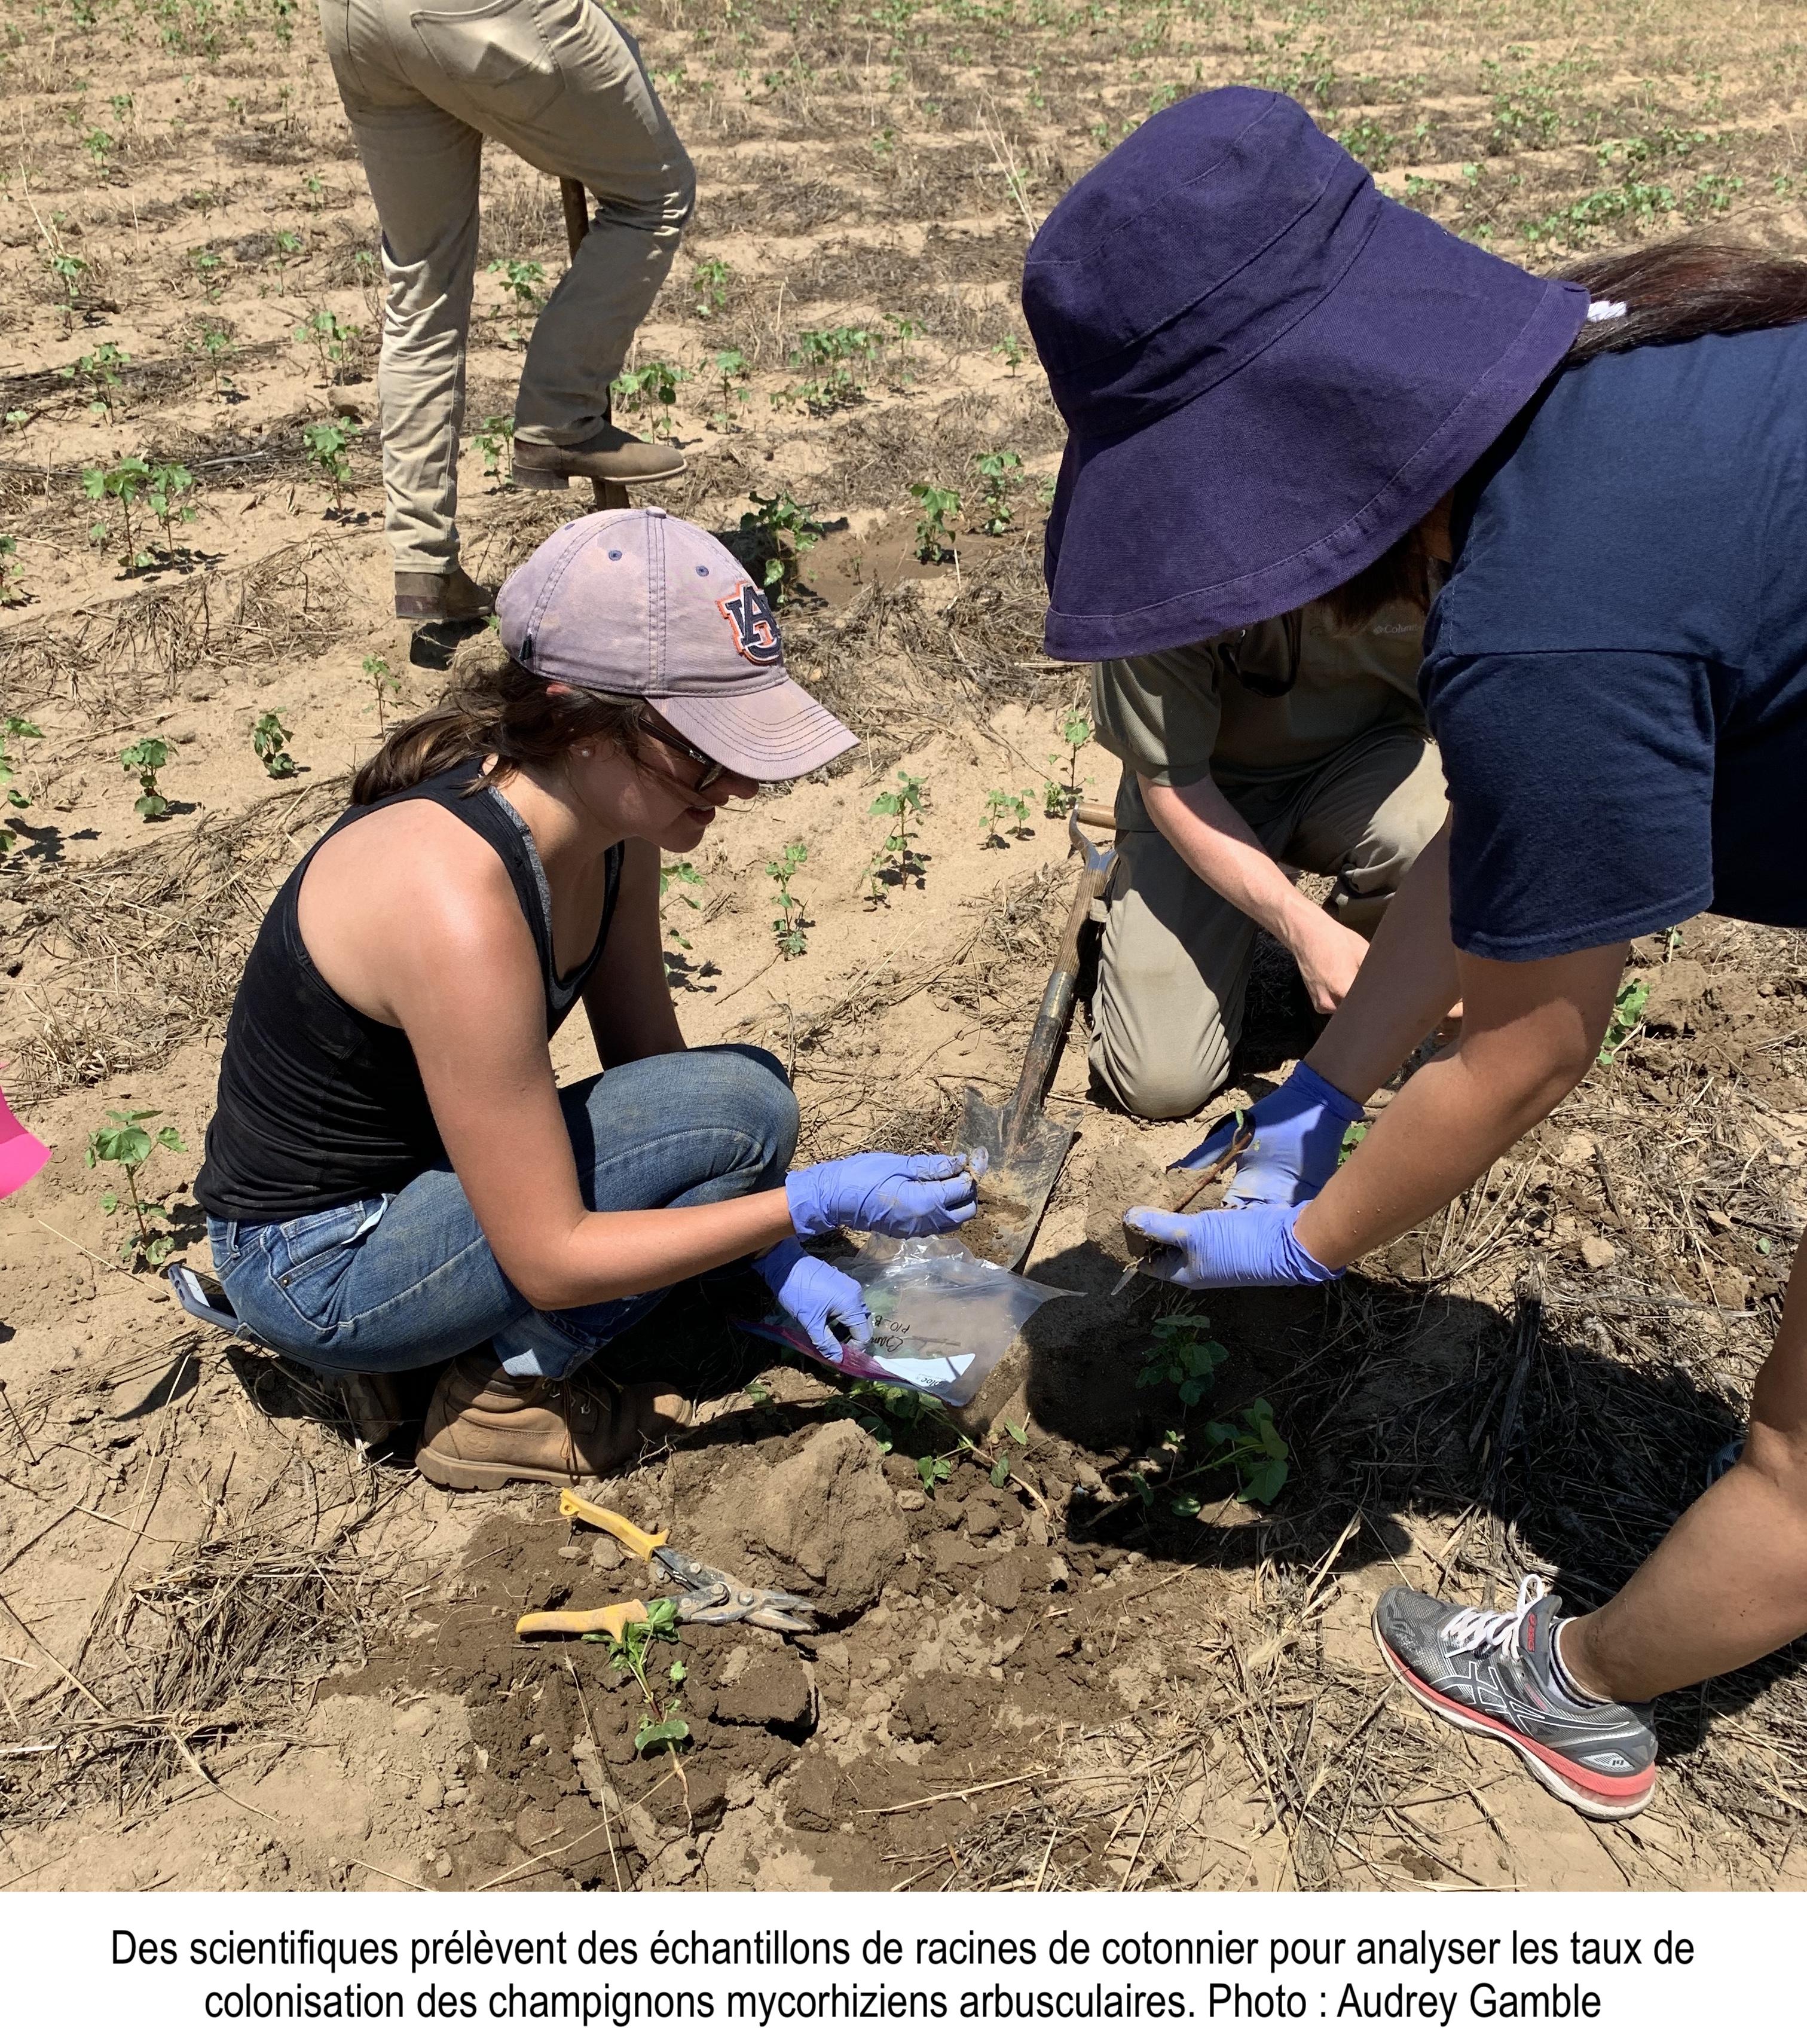 Scientifiques qui étudient les champignons mycorhiziens du sol.